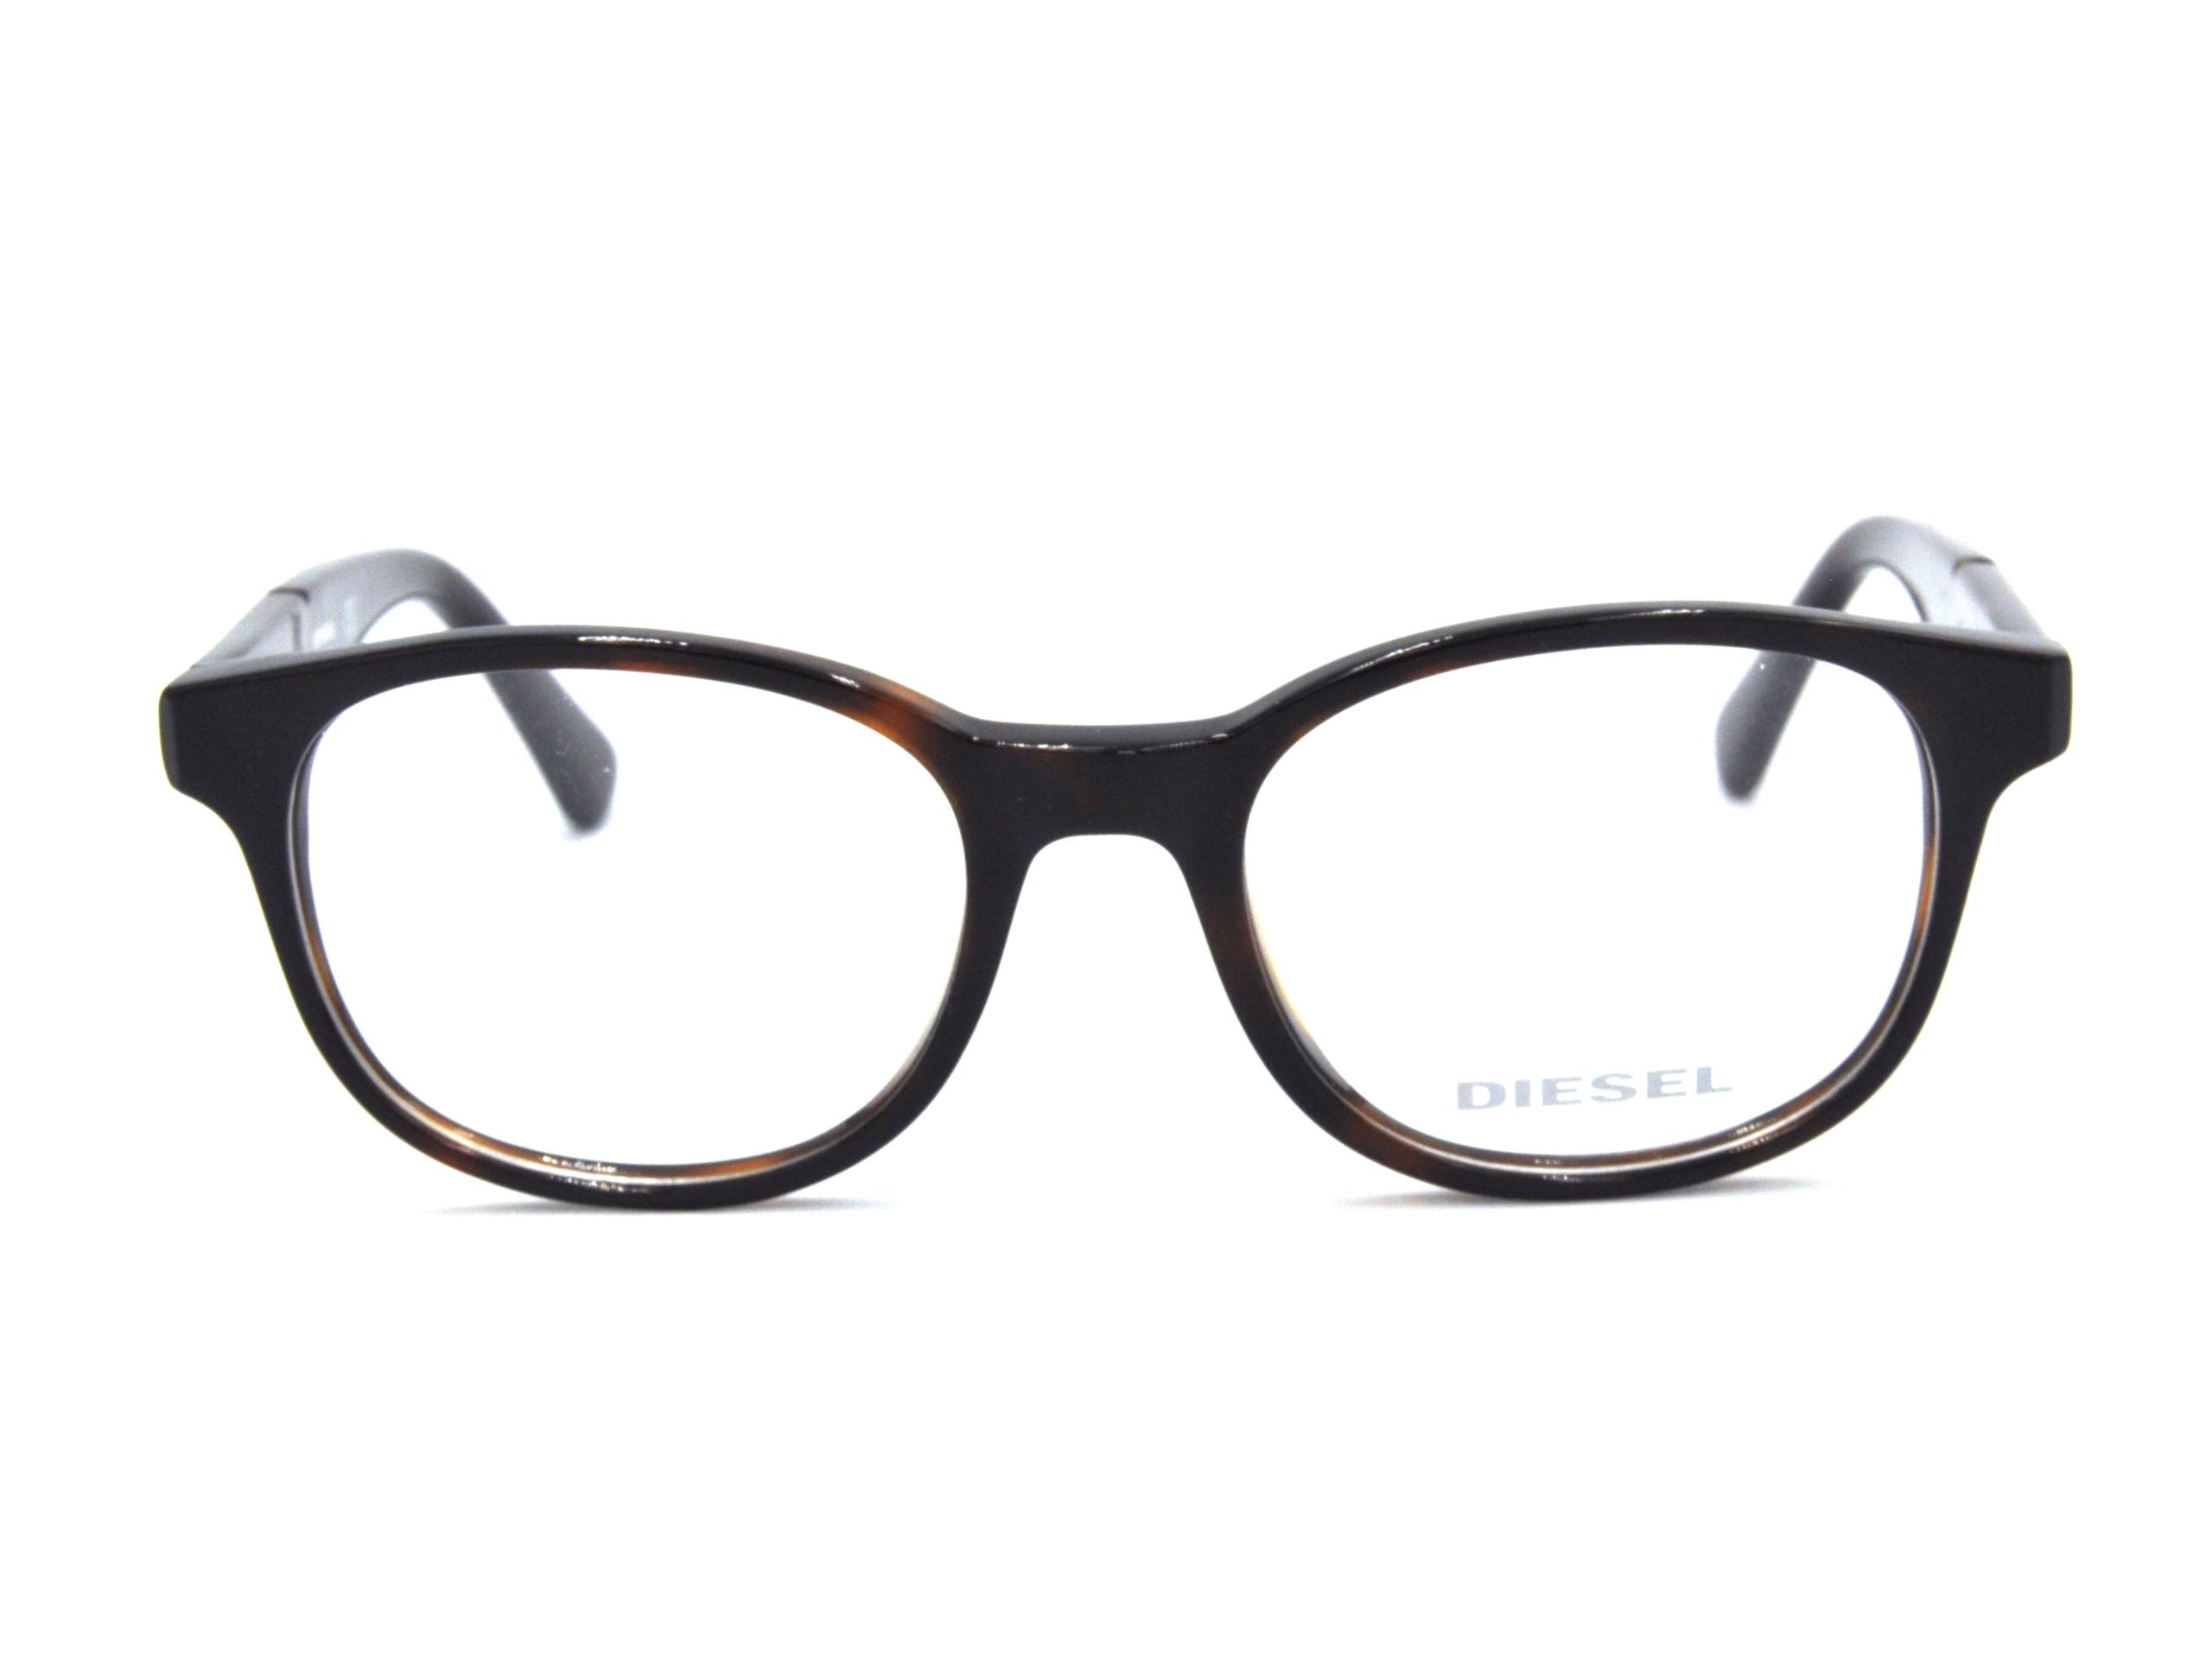 Γυαλιά οράσεως DIESEL DL5243 052 46-17-130 Πειραιάς